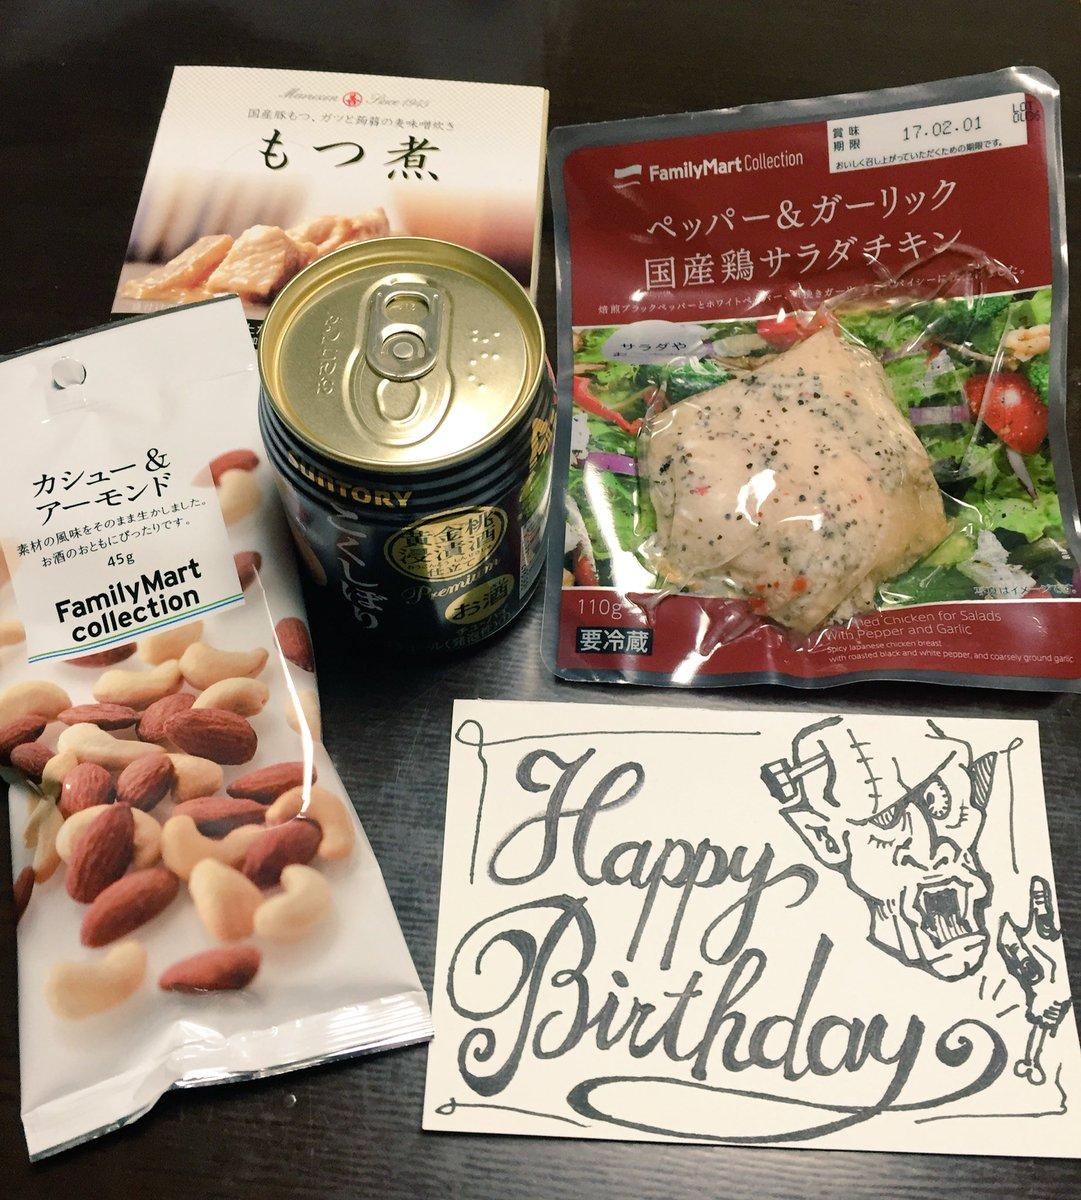 妹の誕生日だからプレゼント買ってきた!!!お気に入りキャラのフランケンゾンビマンを添えて https://t.co/tLX3Os0Tk6